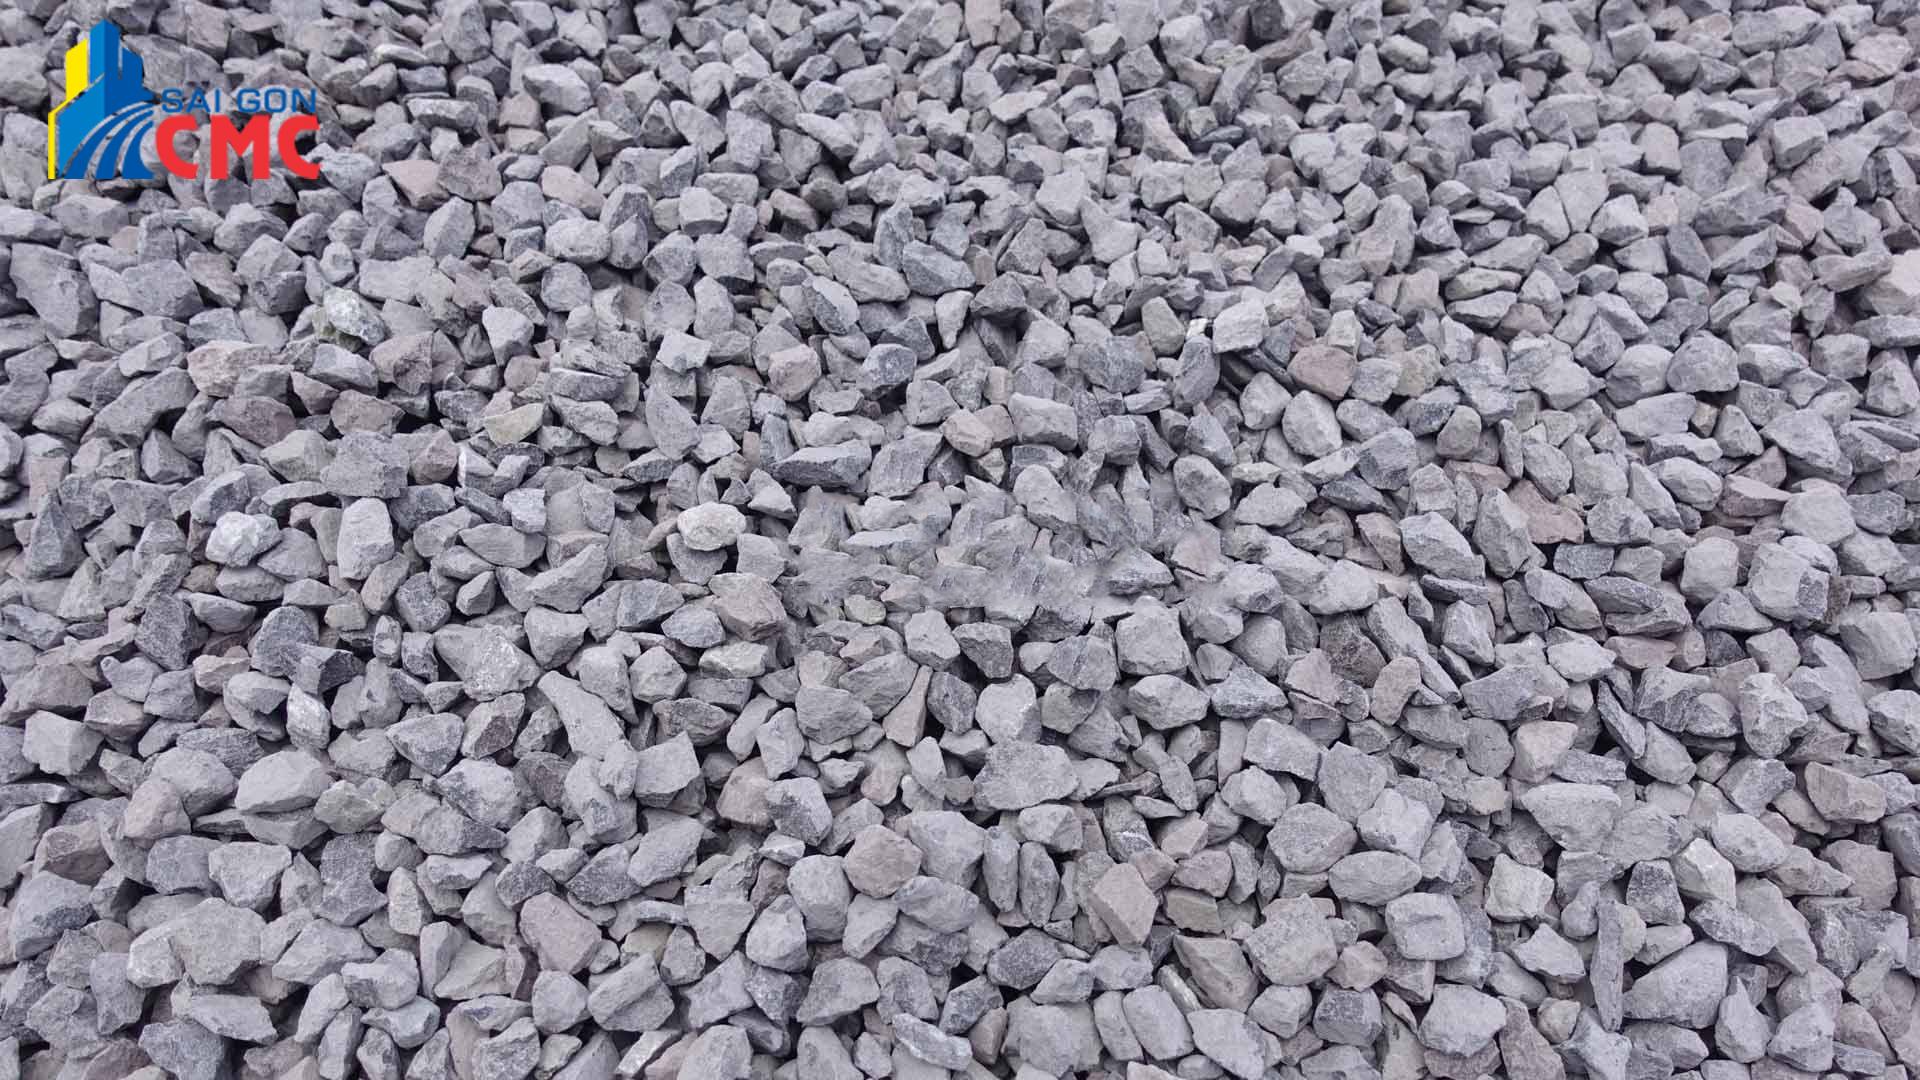 Địa chỉ cung cấp cát xây dựng chất lượng